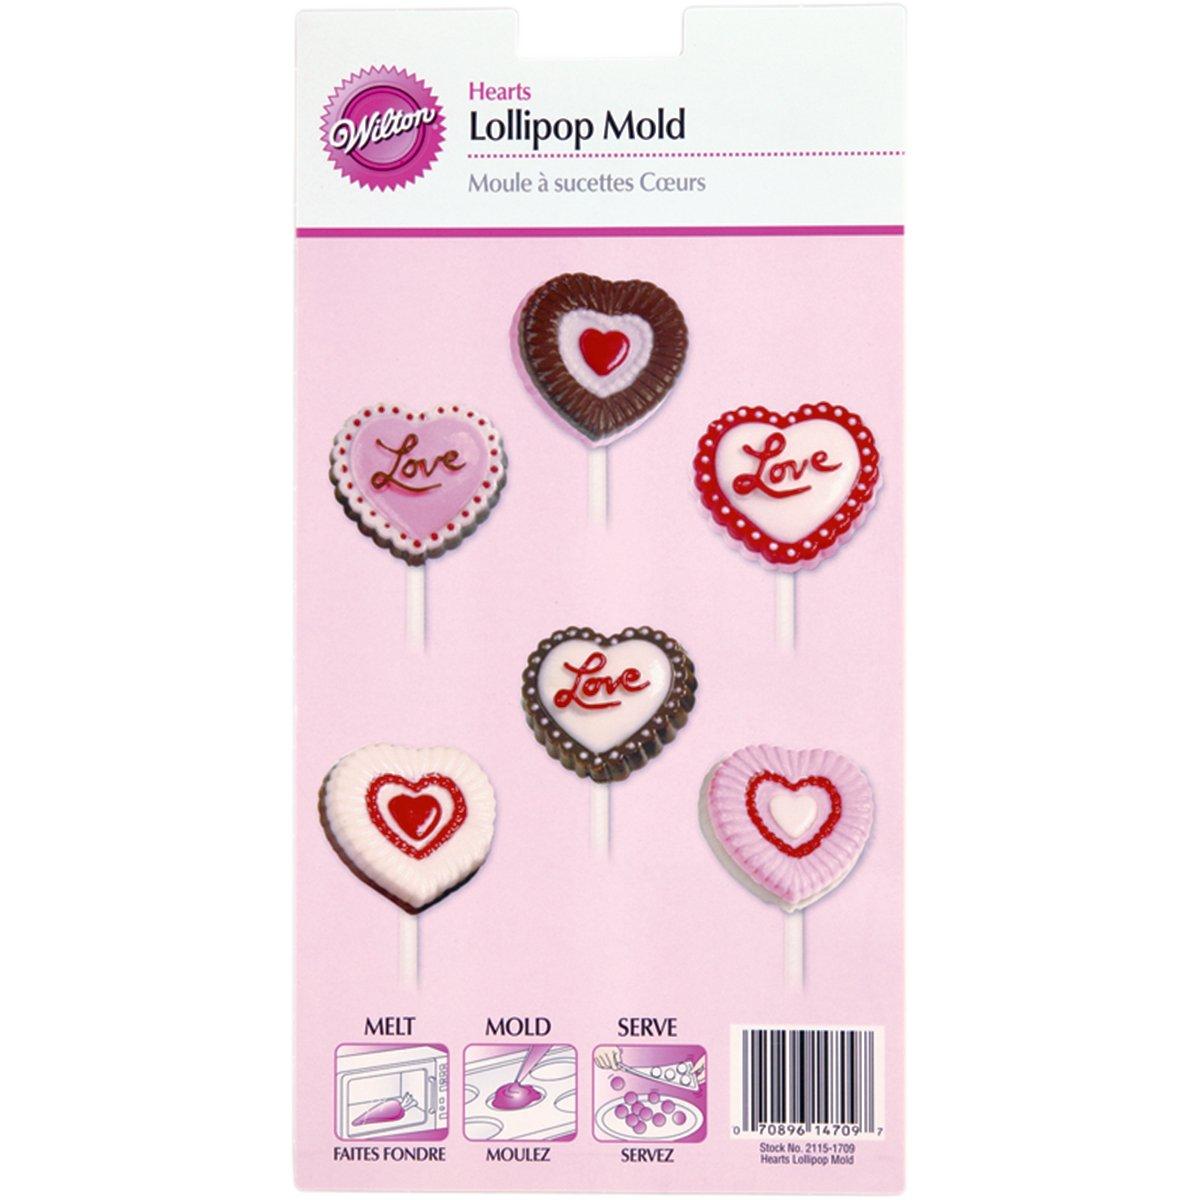 Wilton Lollipop Mold, Hearts